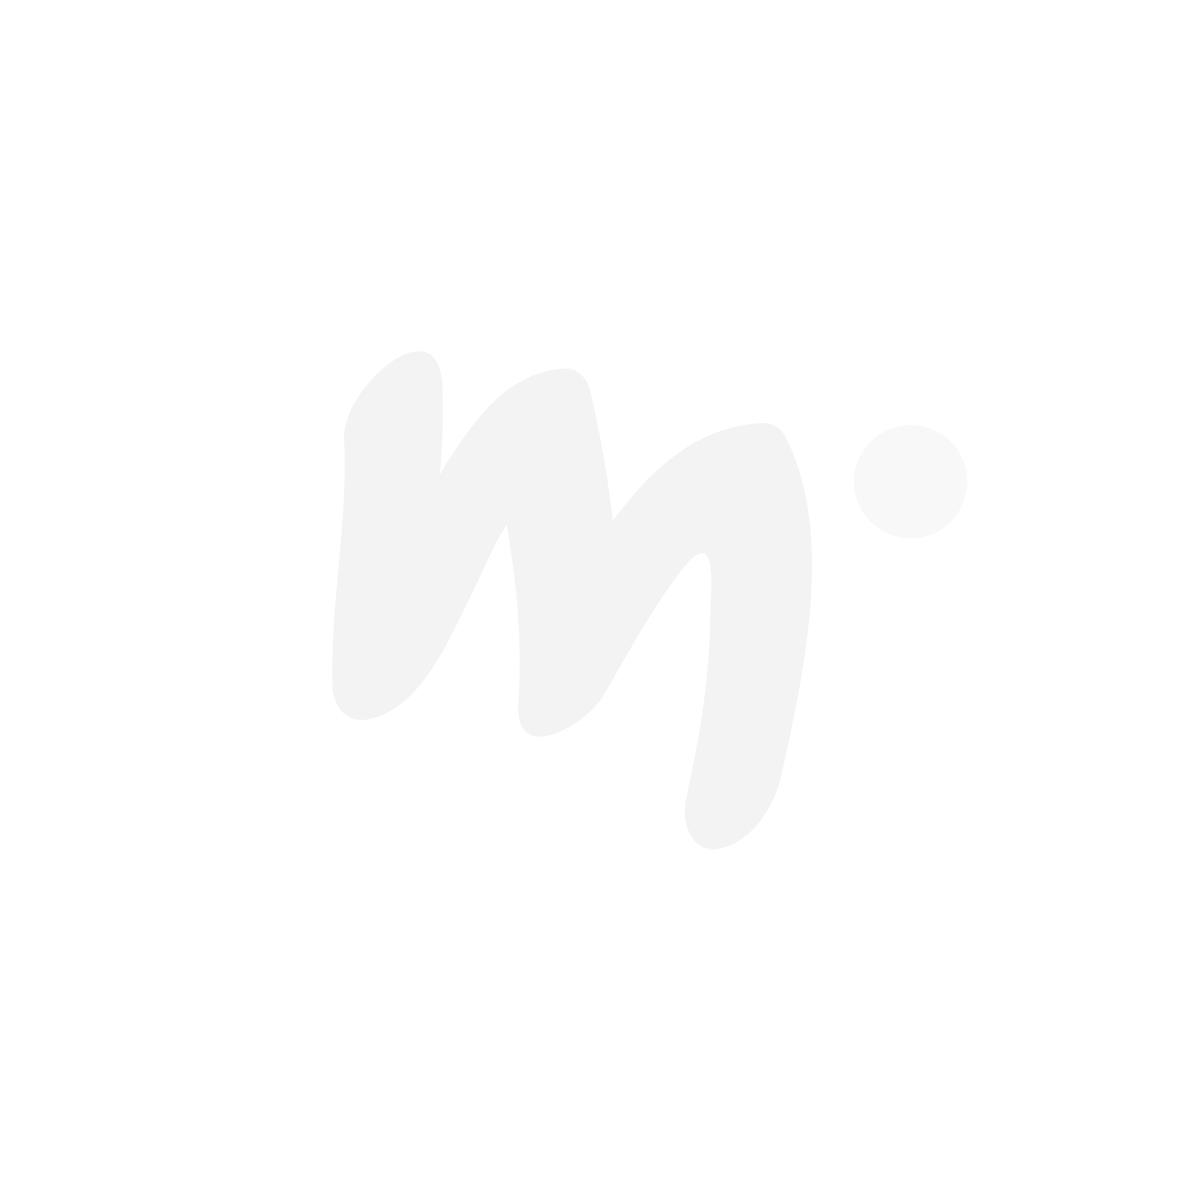 Muumi Haisuli-sukat 2 kpl keltainen